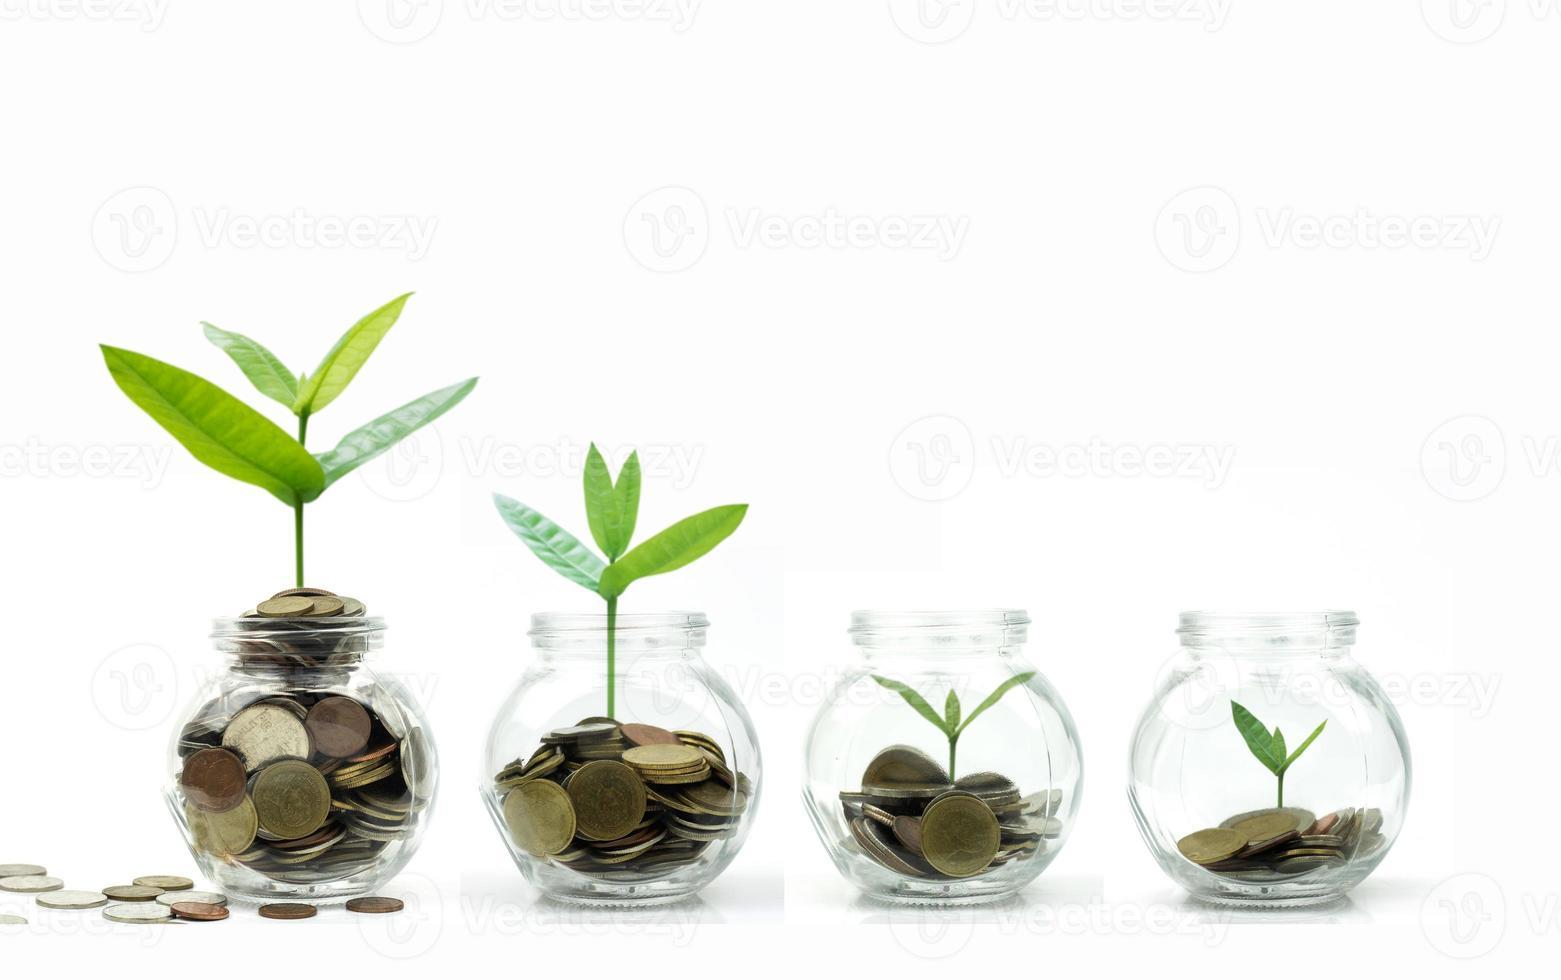 bomen die opgroeien in glas met munten op witte achtergrond foto